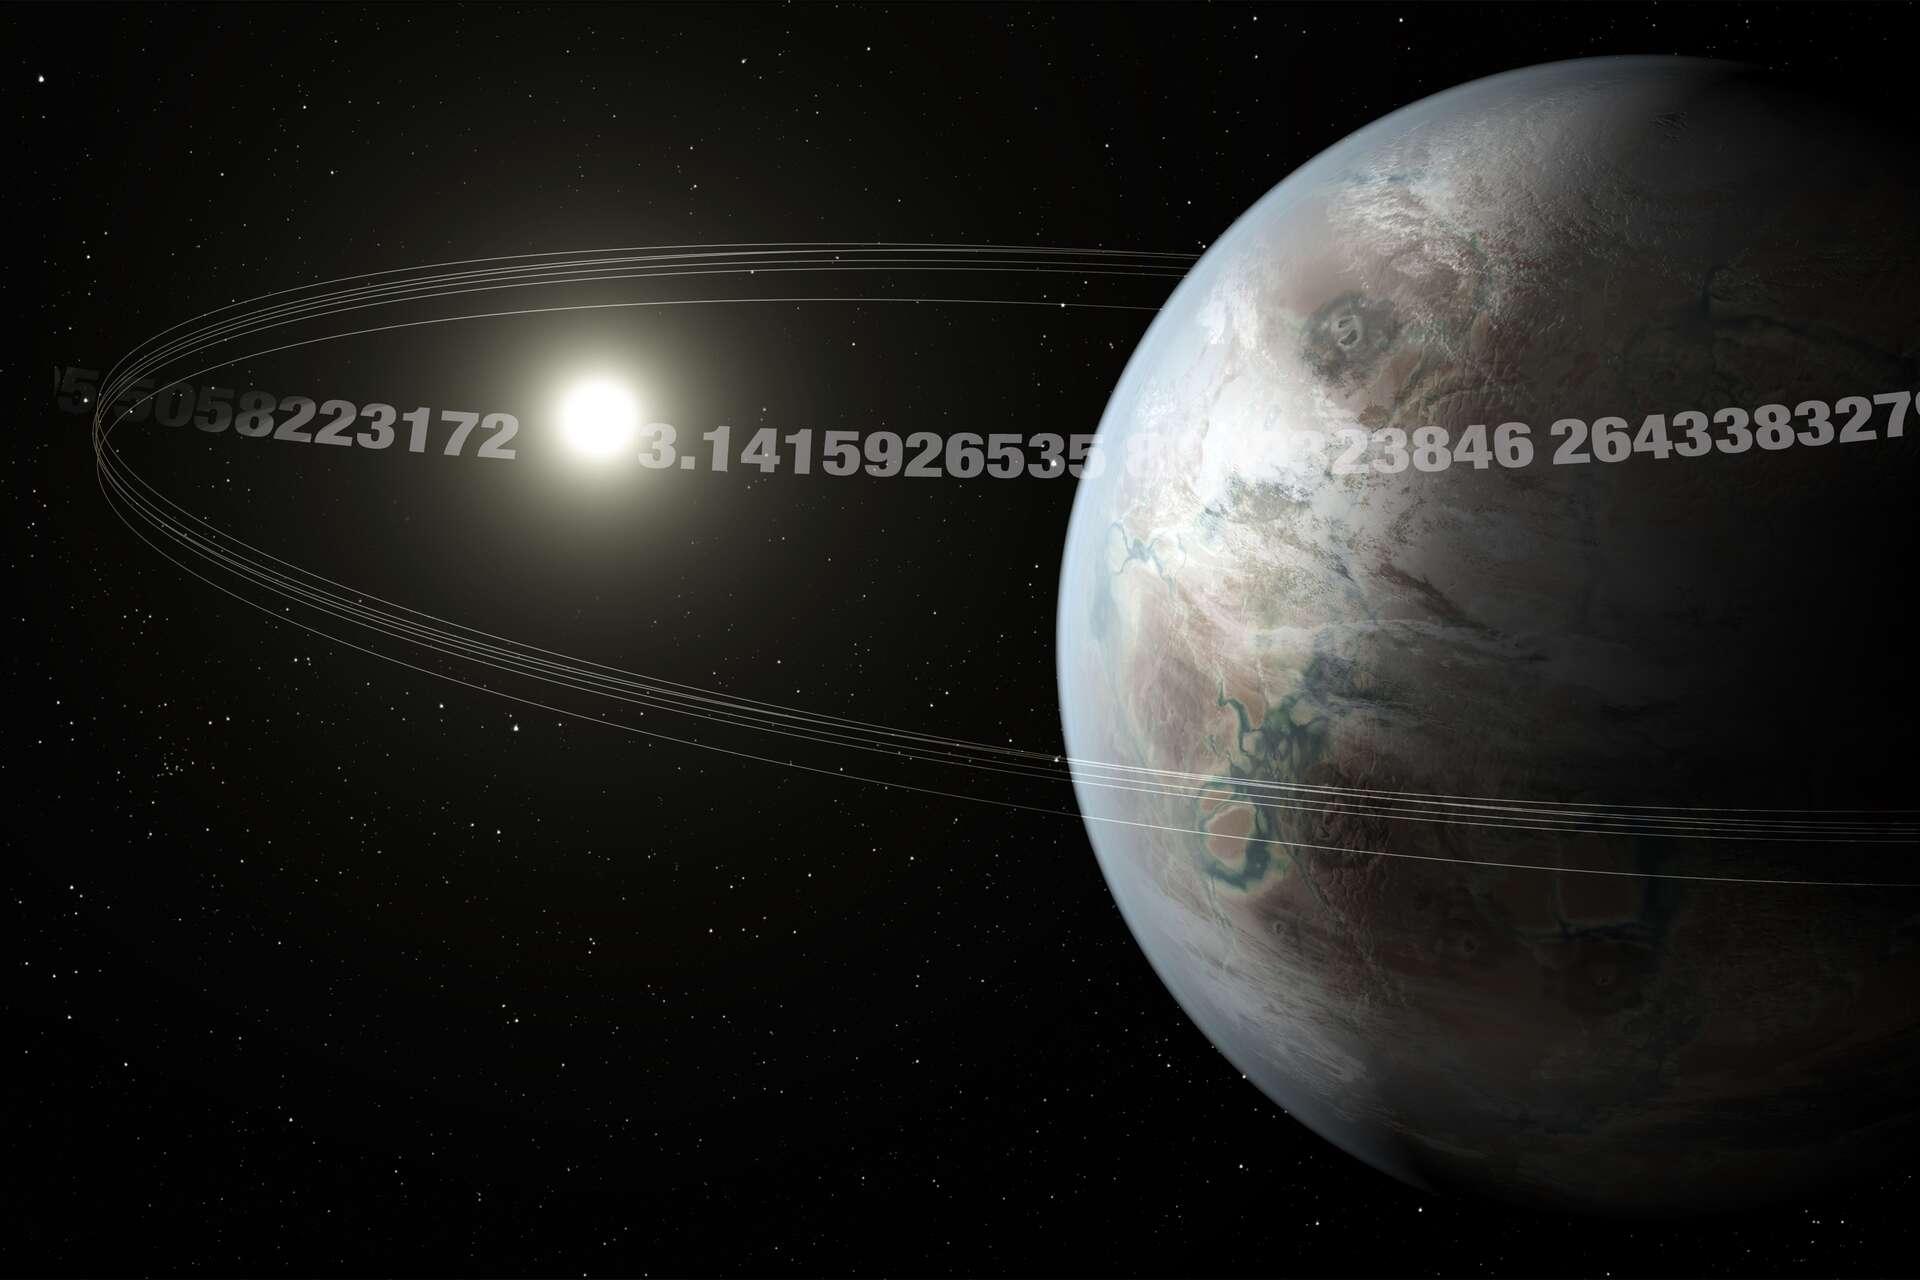 La planète K2-315b, de la taille de la Terre, orbite autour de son étoile en 3,14 jours. © Nasa Ames, JPL-Caltech, T. Pyle, Christine Daniloff, MIT